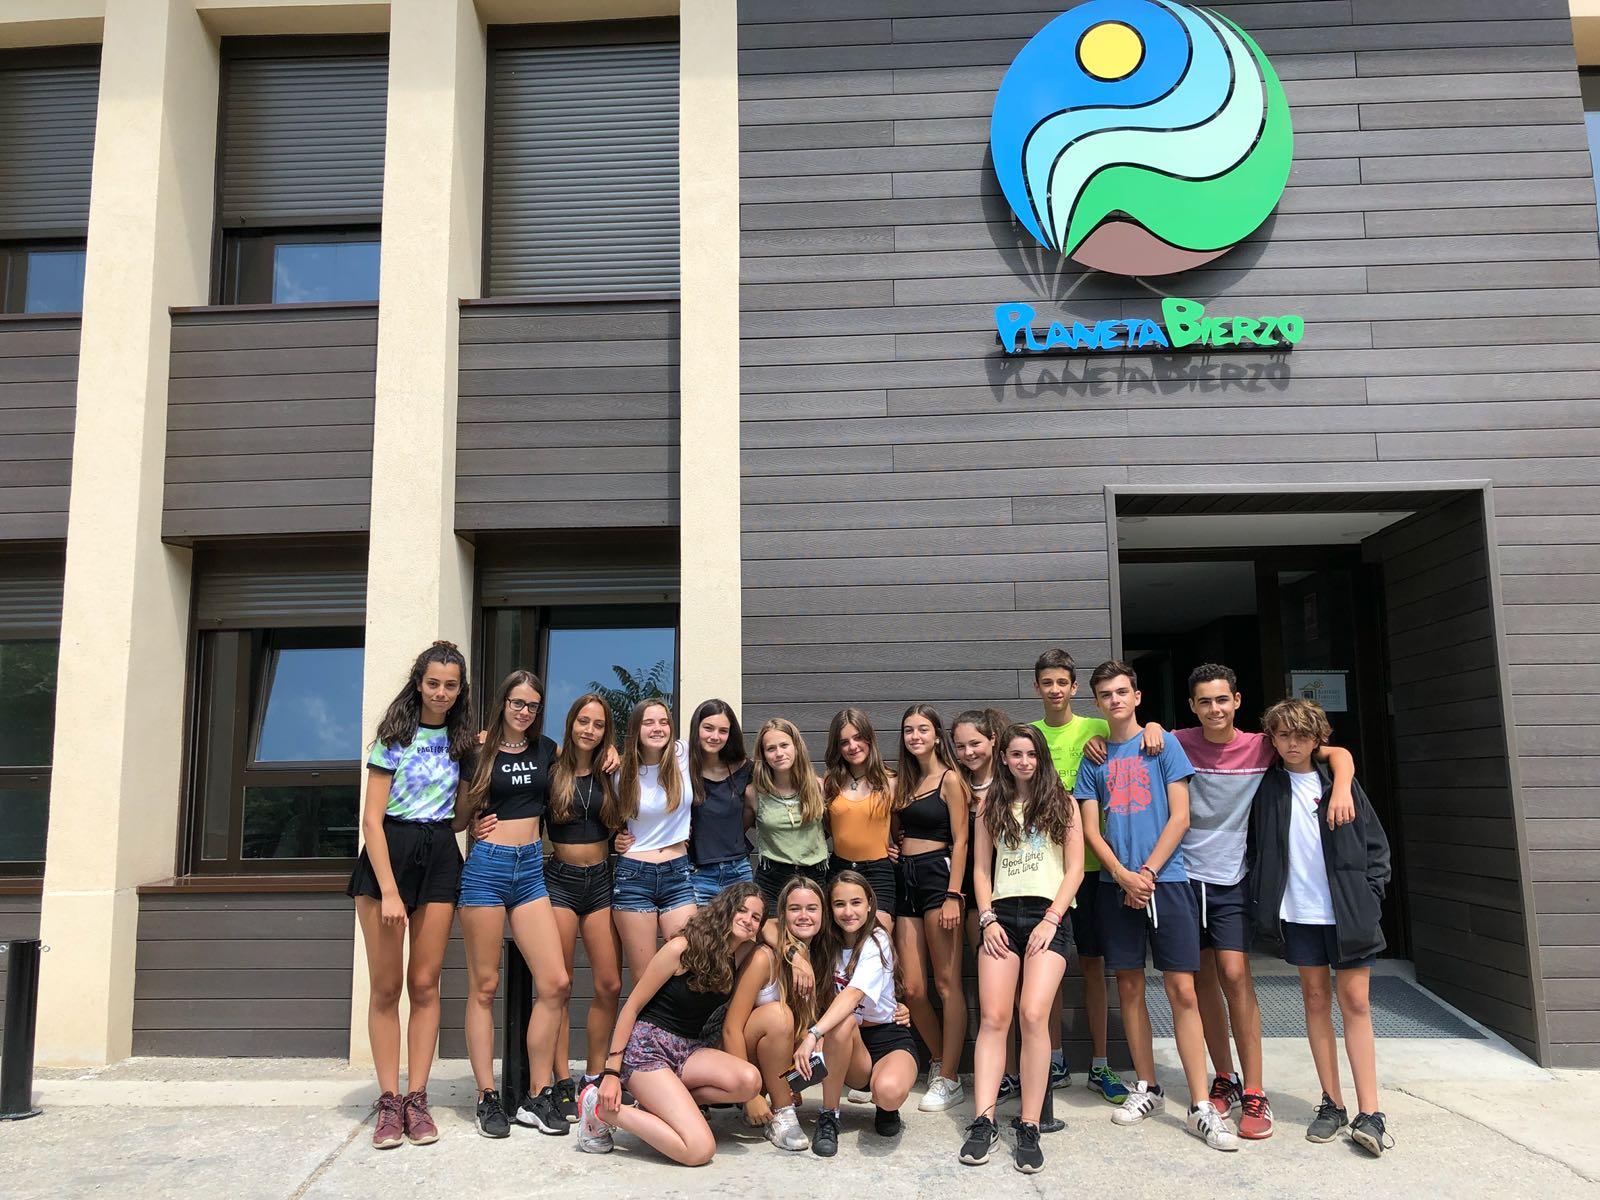 Alojamiento grupos albergue turismo activo verano El Bierzo encanto rural